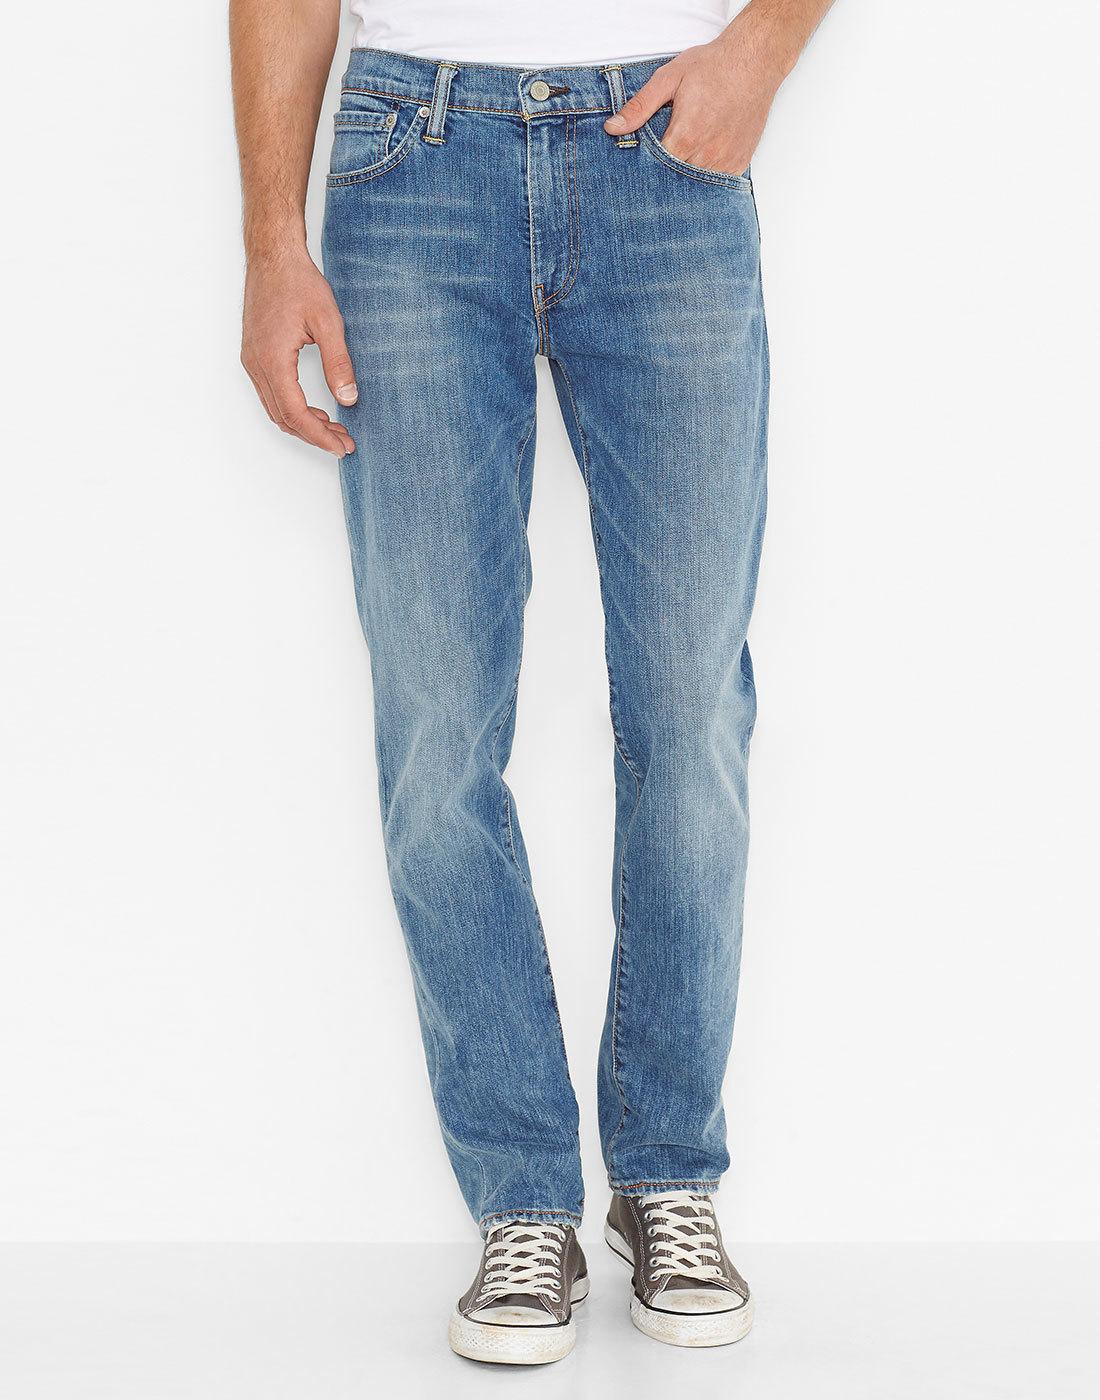 LEVI'S® 511 Retro Mod Slim Denim Jeans - Harbour